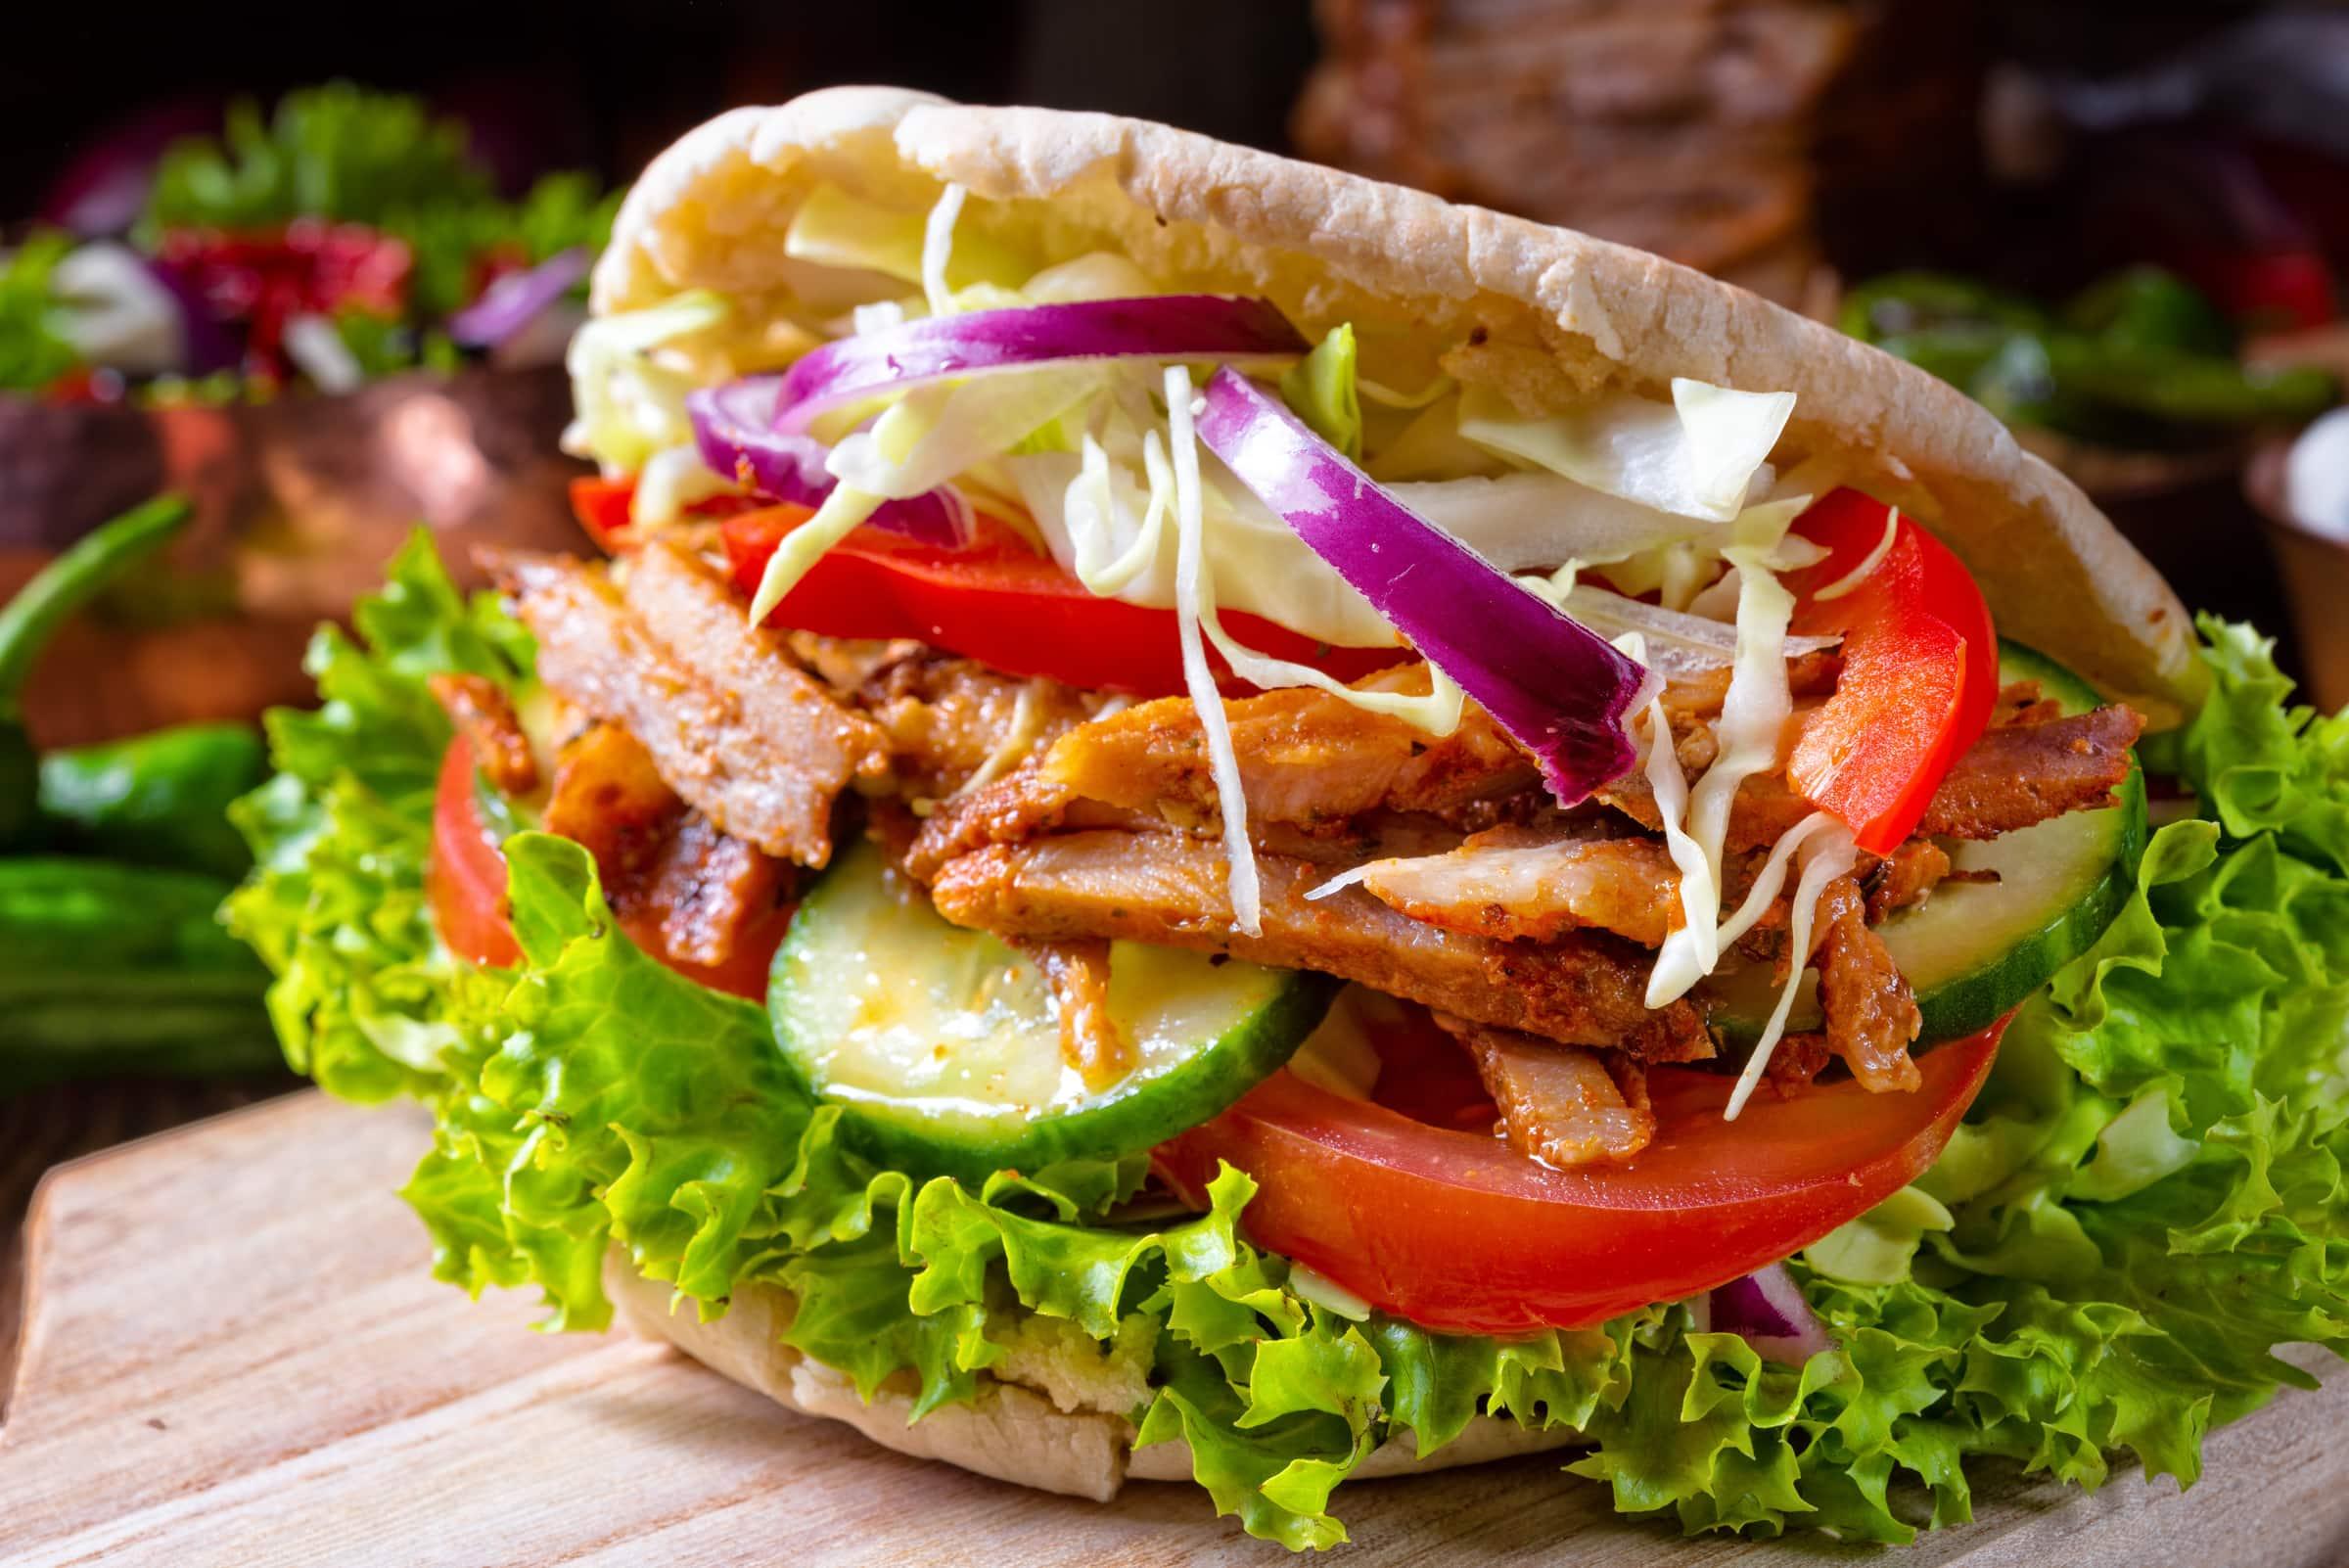 Ricetta Per Un Buon Kebab.Ricetta Kebab Fatto In Casa Il Club Delle Ricette